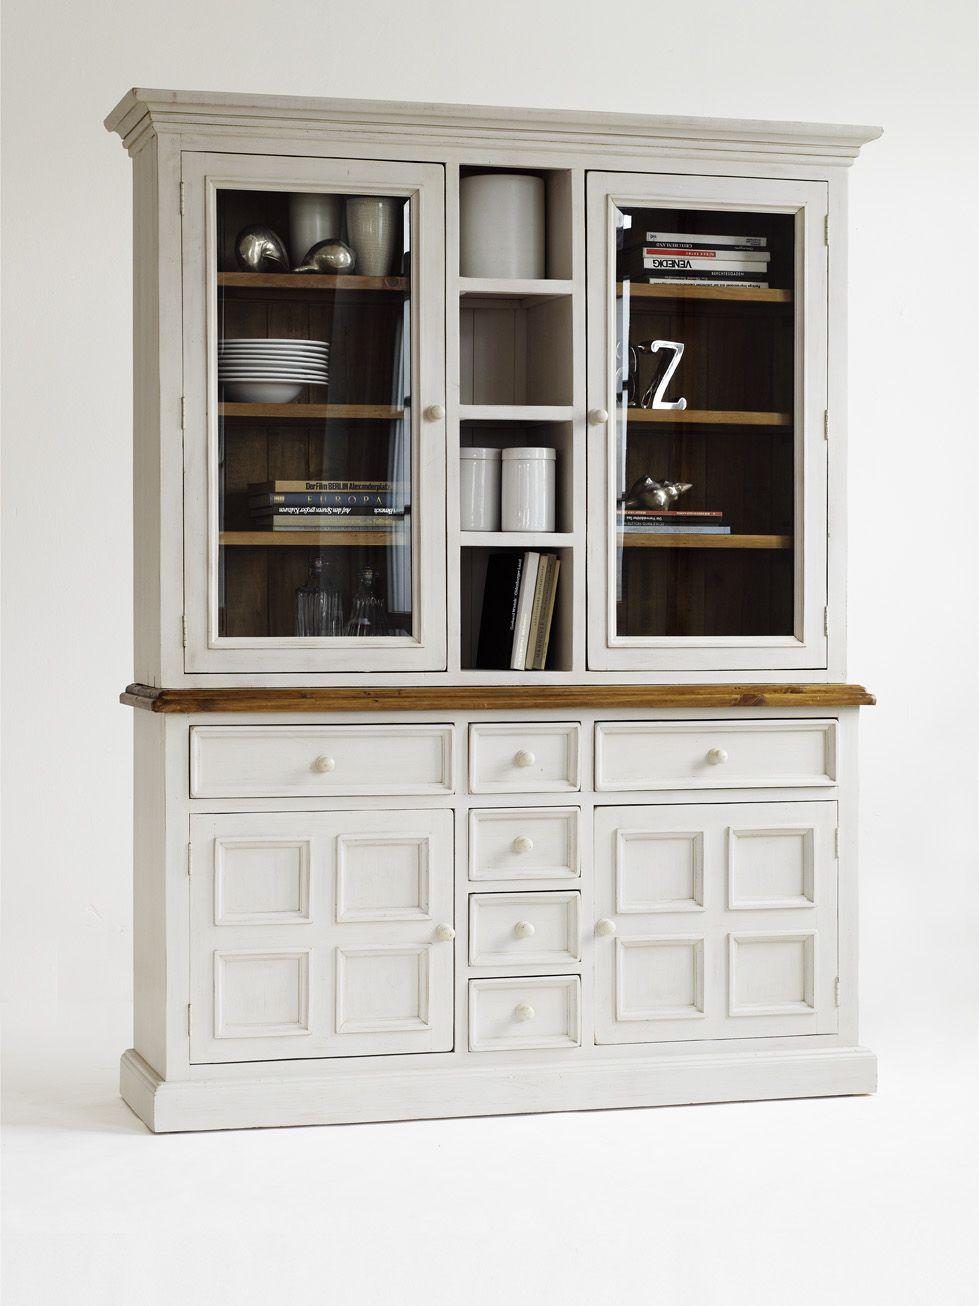 Pin Von Mrhousey Auf Provence Shabby Chic Furniture Vitrine Weiss Landhaus Mobel Esszimmer Mobel